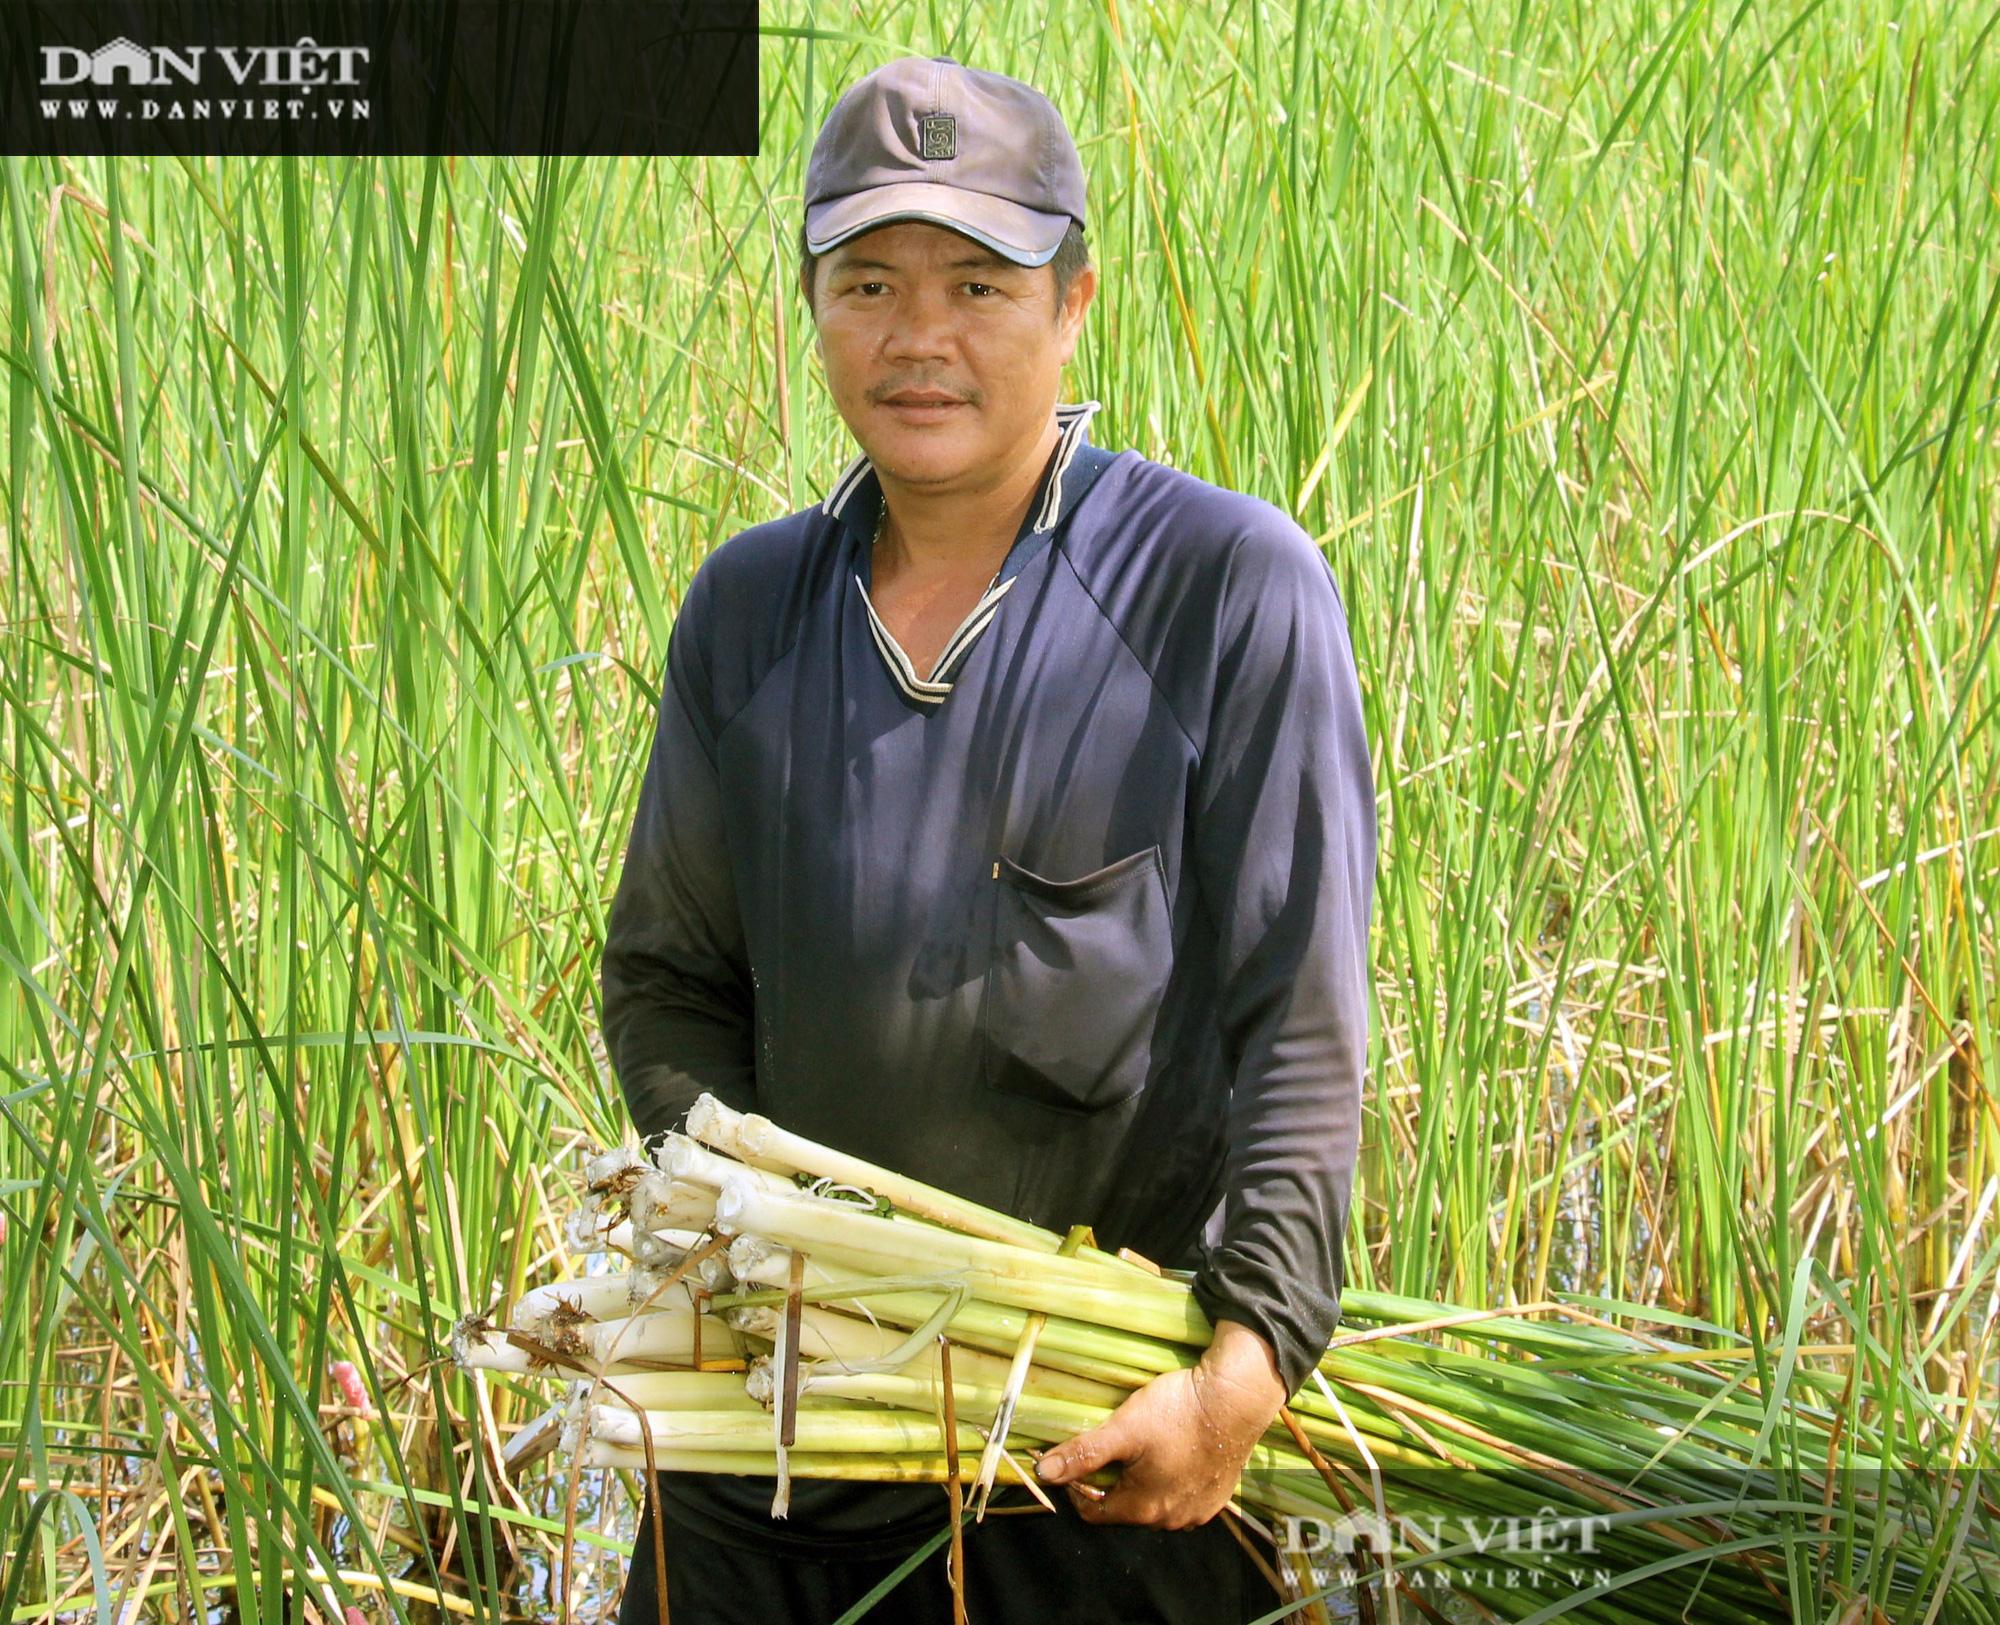 Dân ở vùng đất phèn bỏ túi trăm triệu đồng/năm nhờ lót bạt trồng bồn bồn - Ảnh 2.